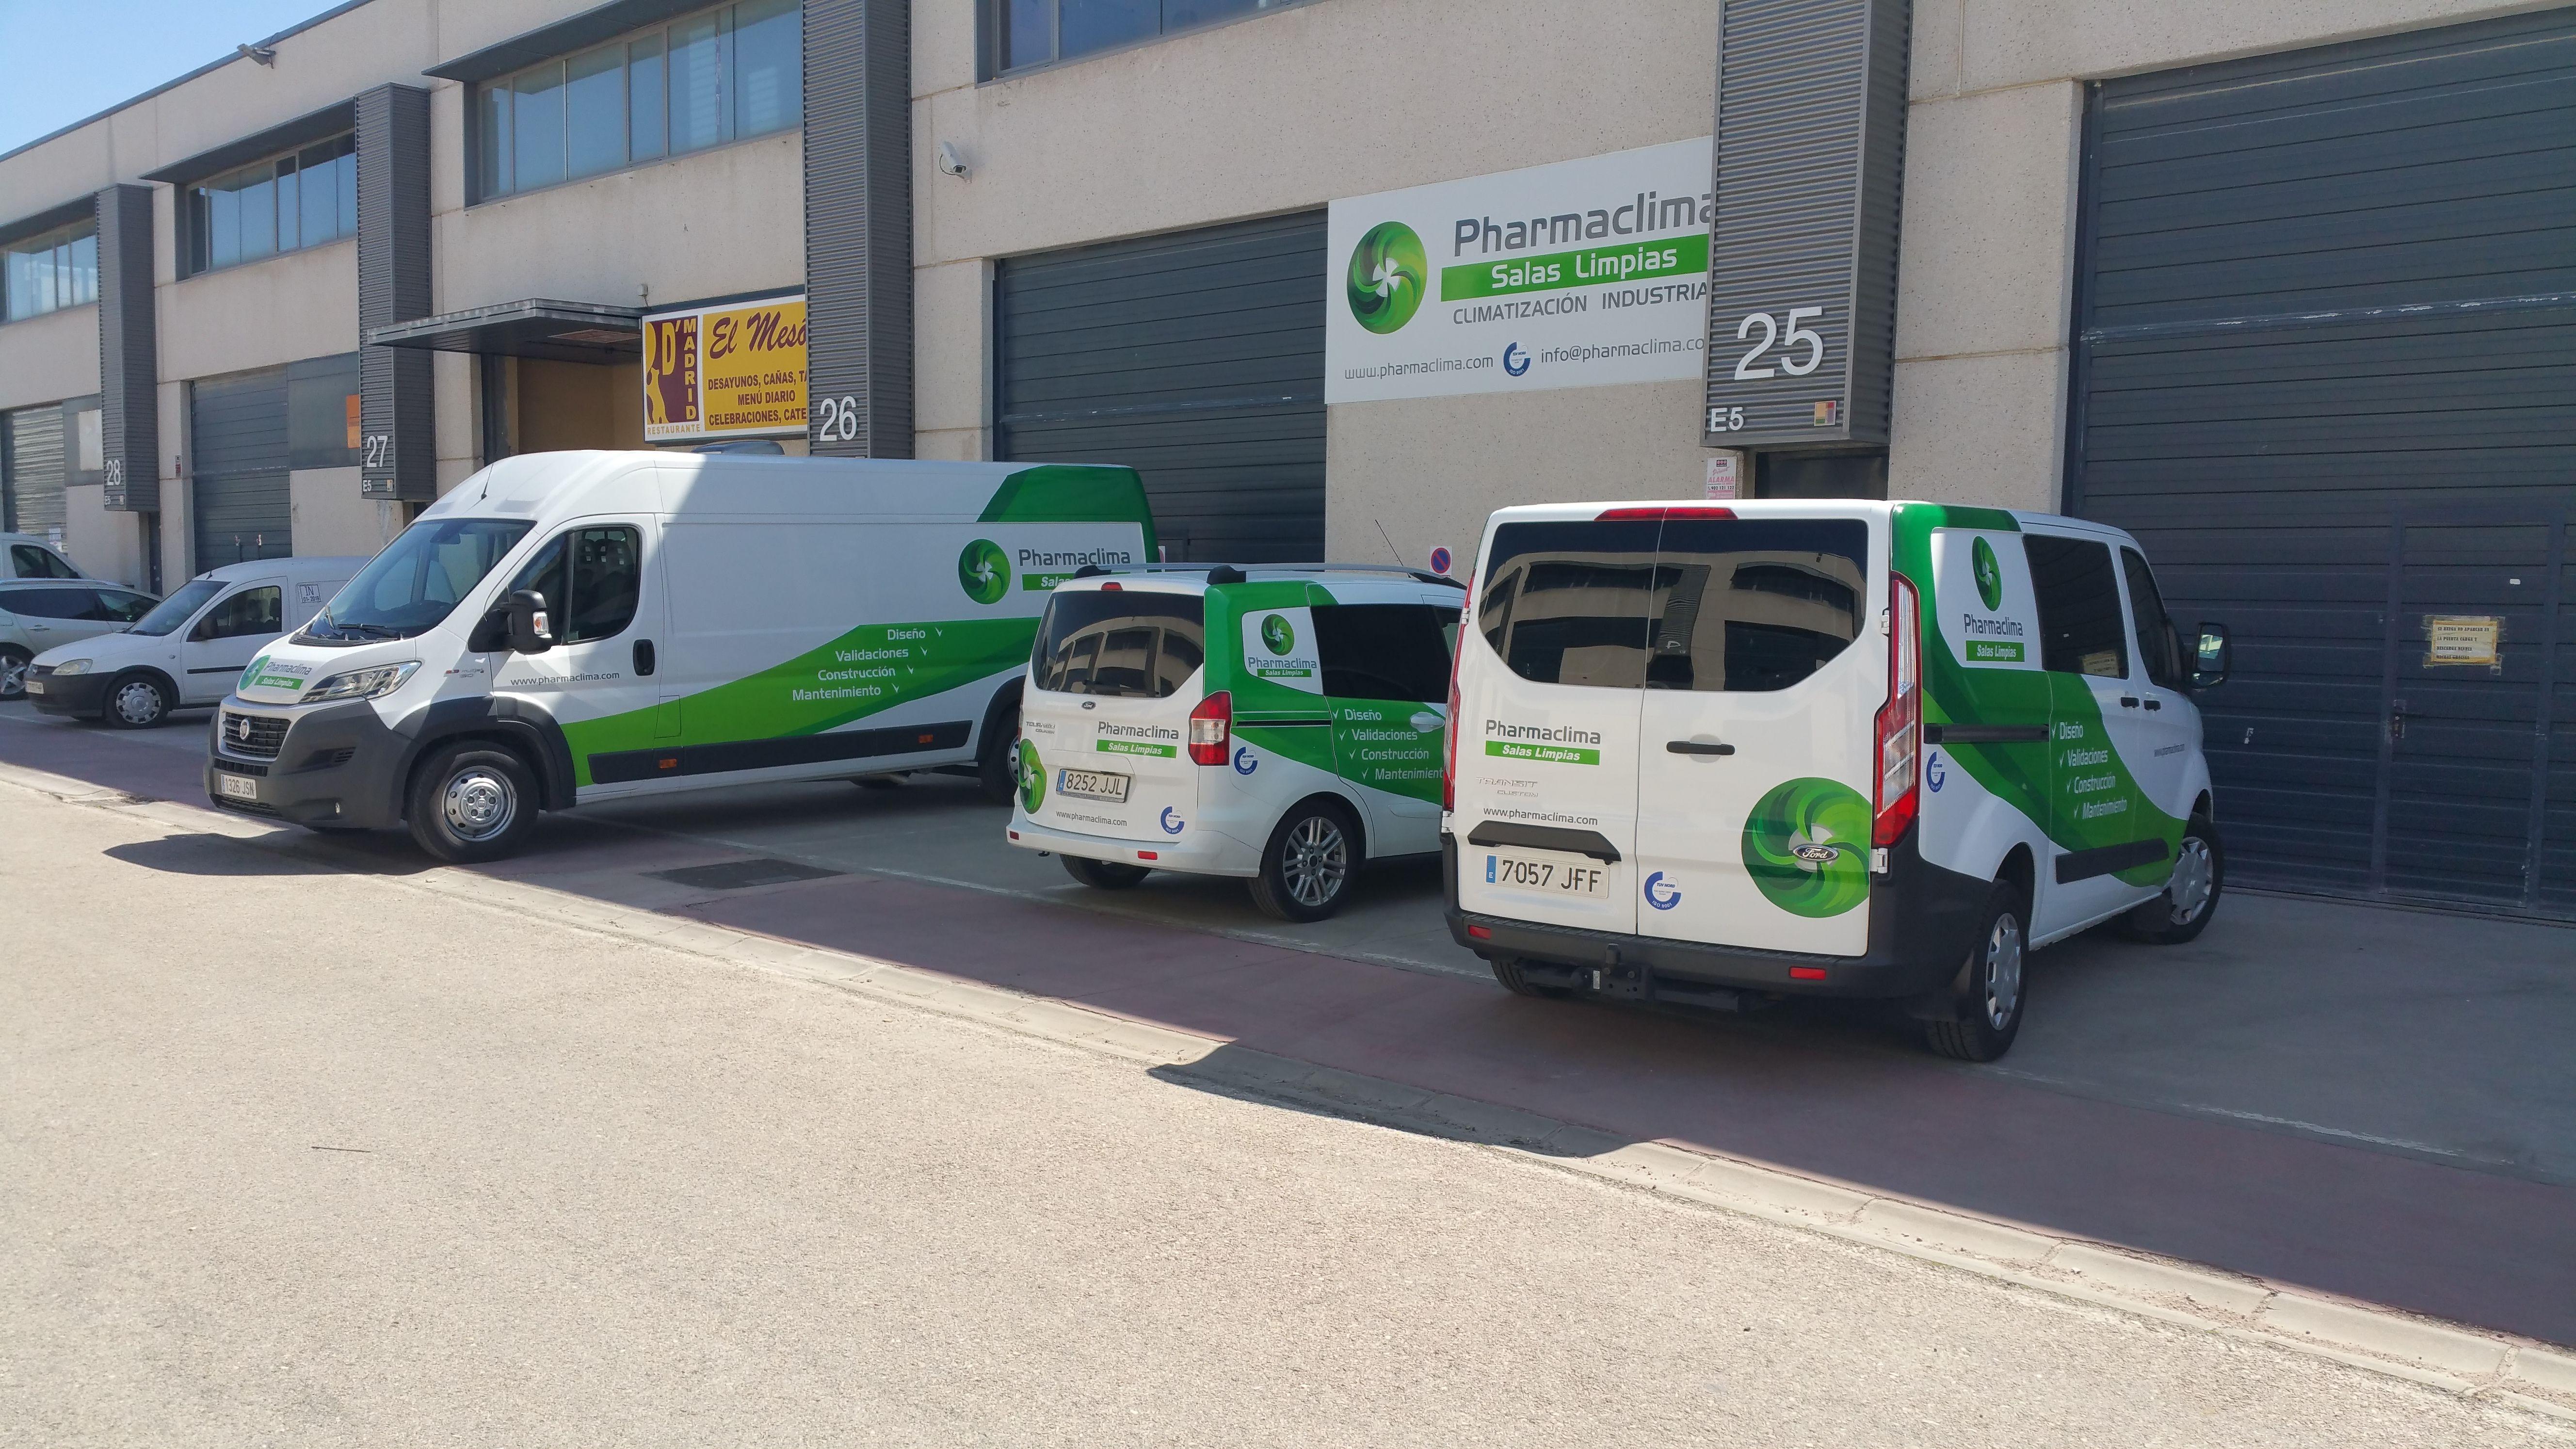 Confía en nuestro excelente servicio de salas blancas en Madrid